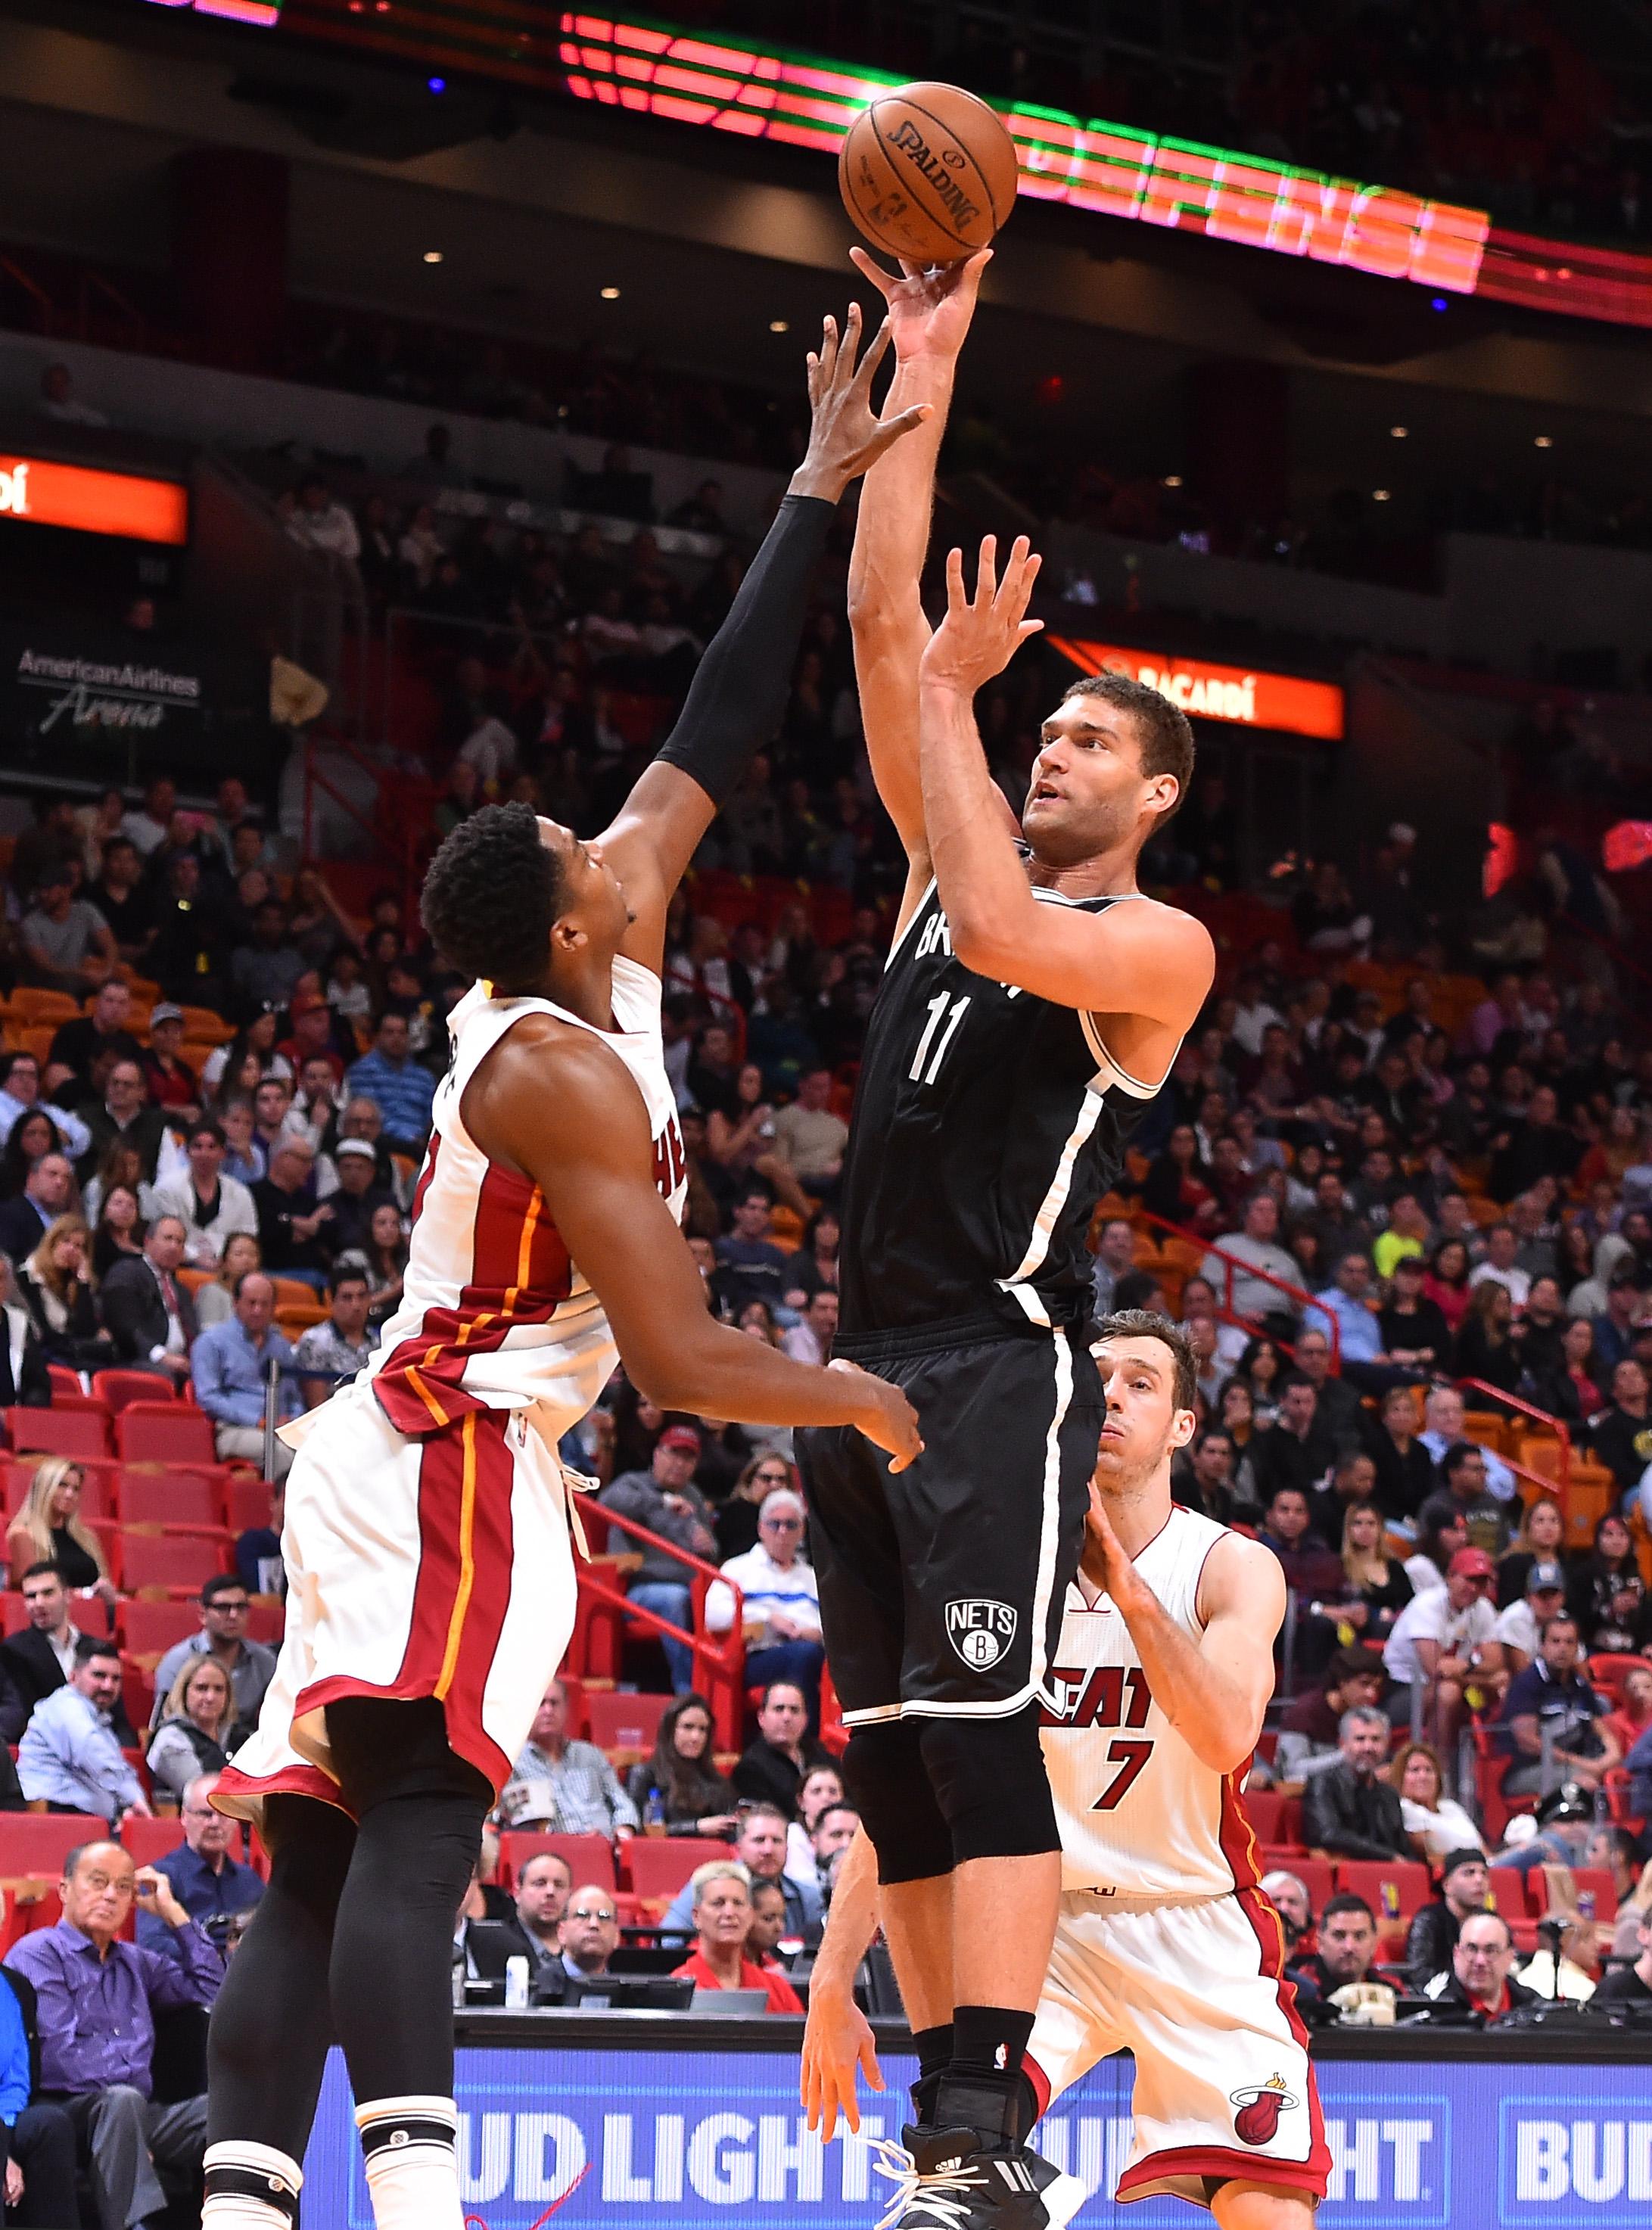 NBA: Brooklyn Nets at Miami Heat